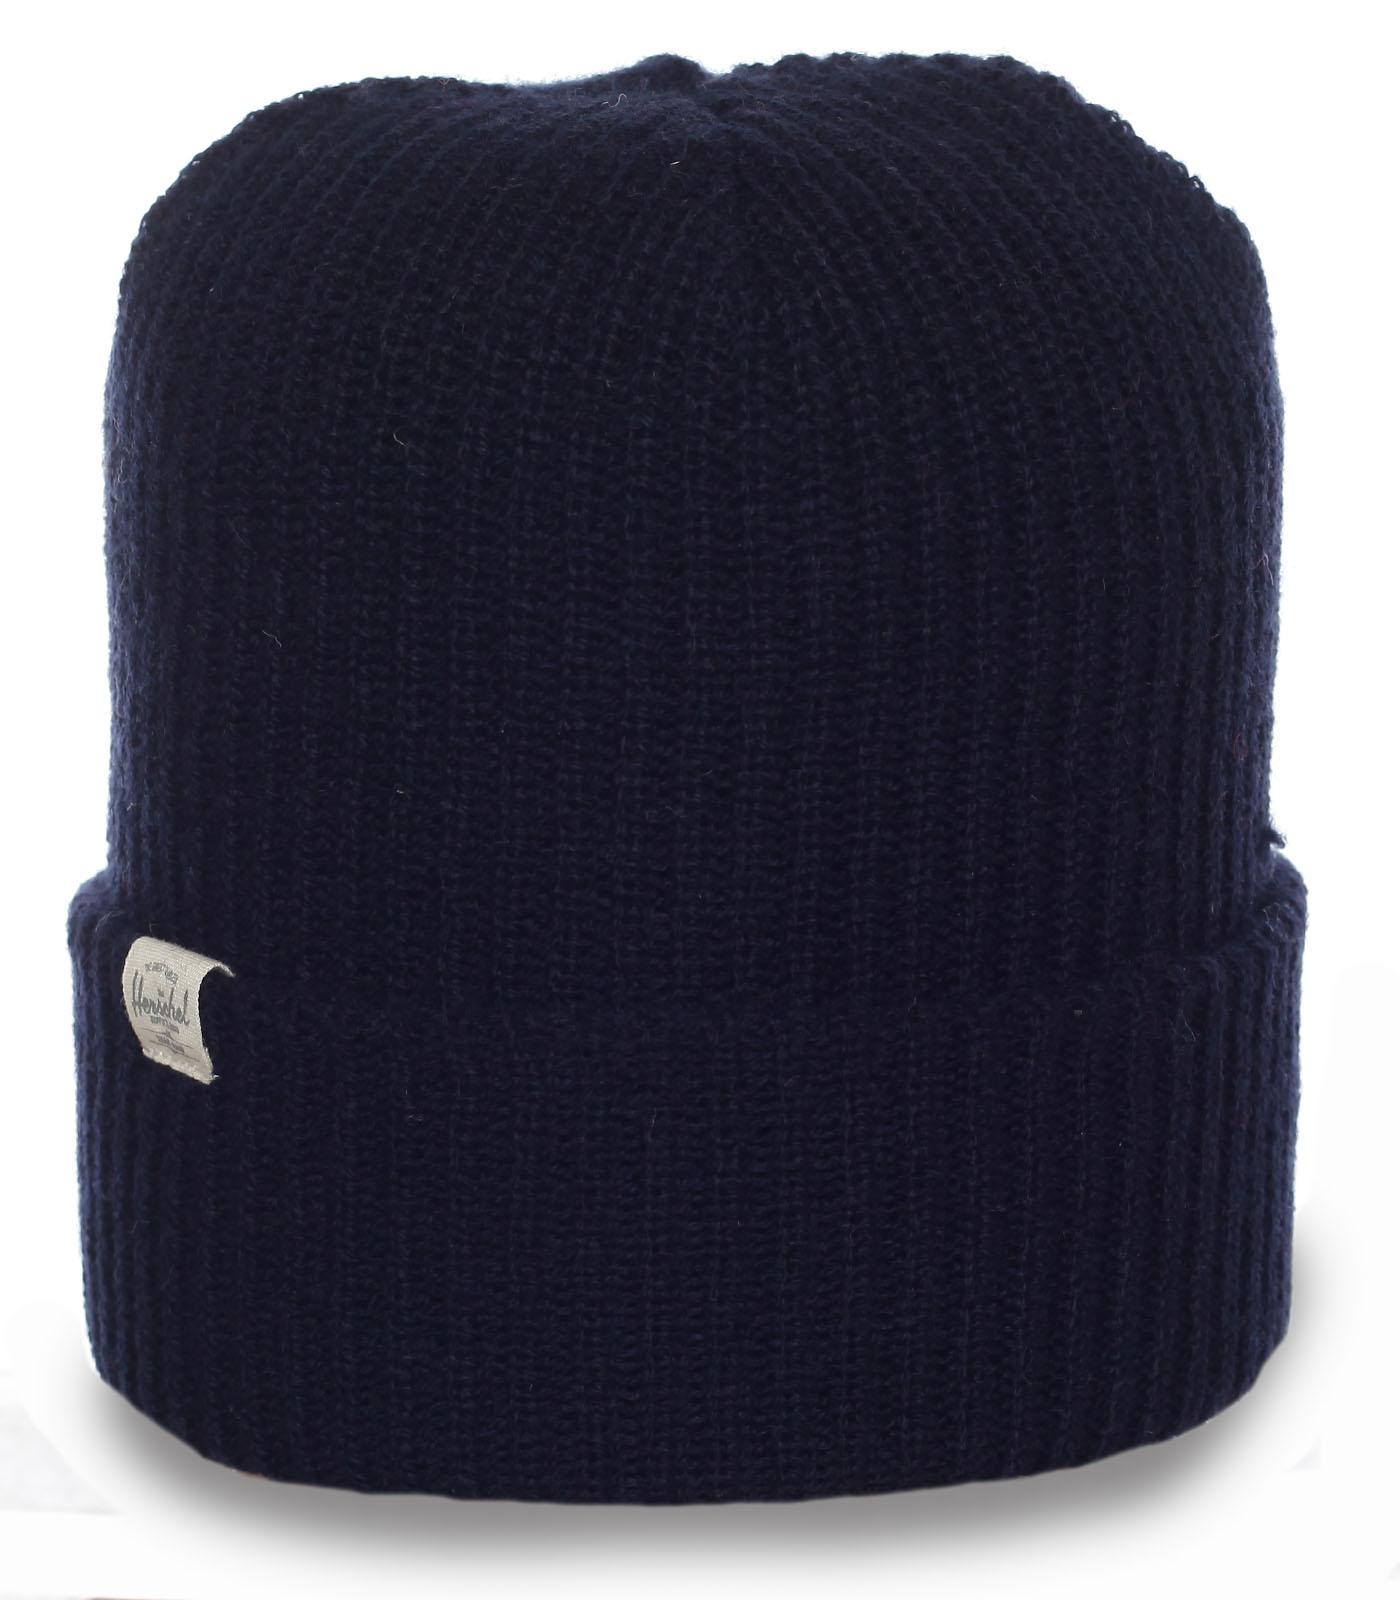 Фирменная мужская шапка Herschel. Практичная модель для парней, ценящих комфорт и качество